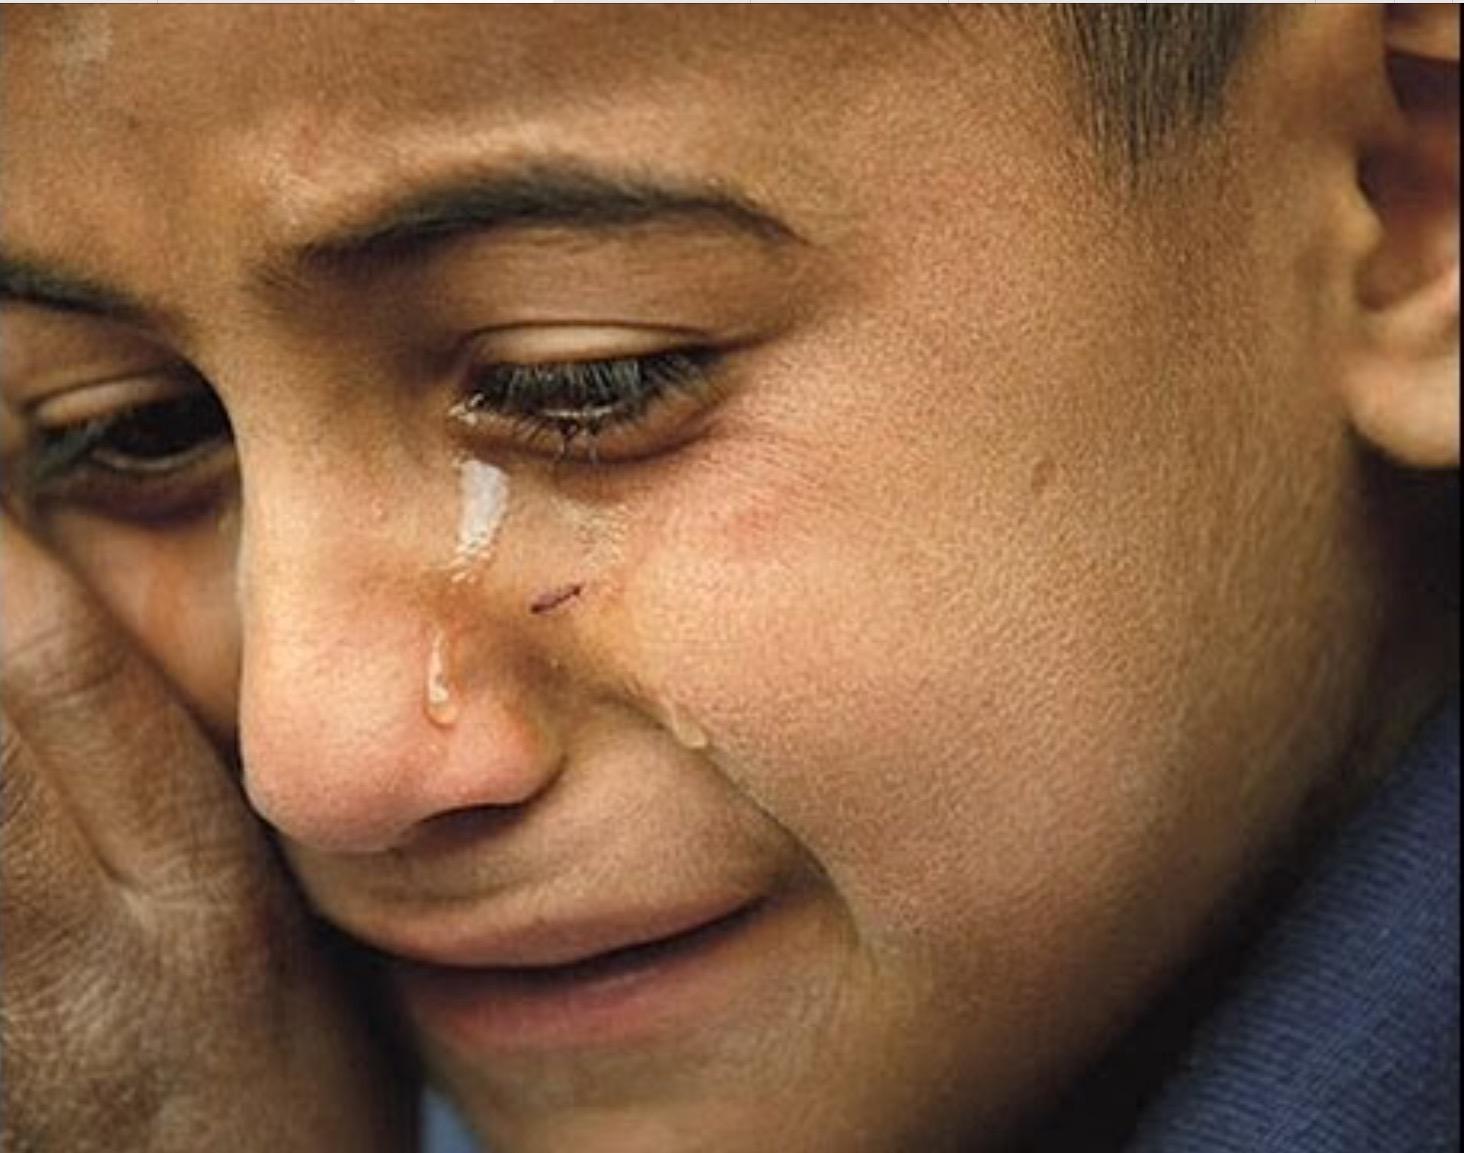 بالصور صور عن الفقر , اصعب الظروف وكيفيه التغلب على الفقر 586 5